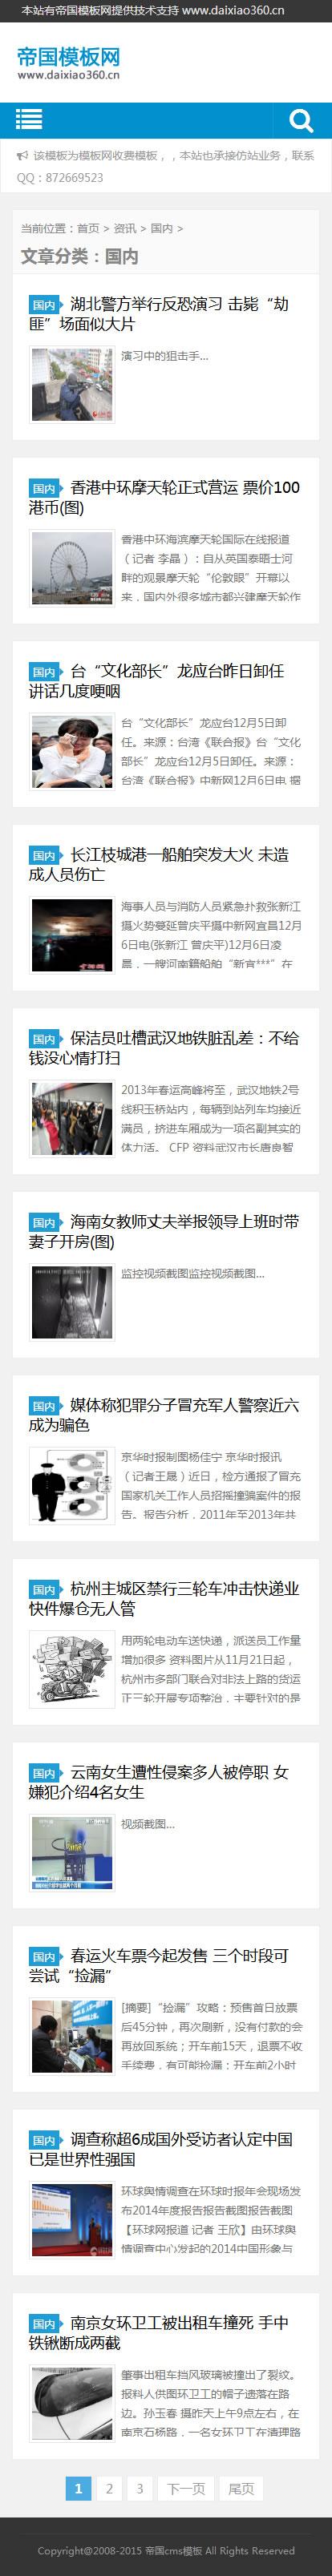 蓝色帝国cms自适应手机版新闻资讯博客类网站模板_手机版列表页